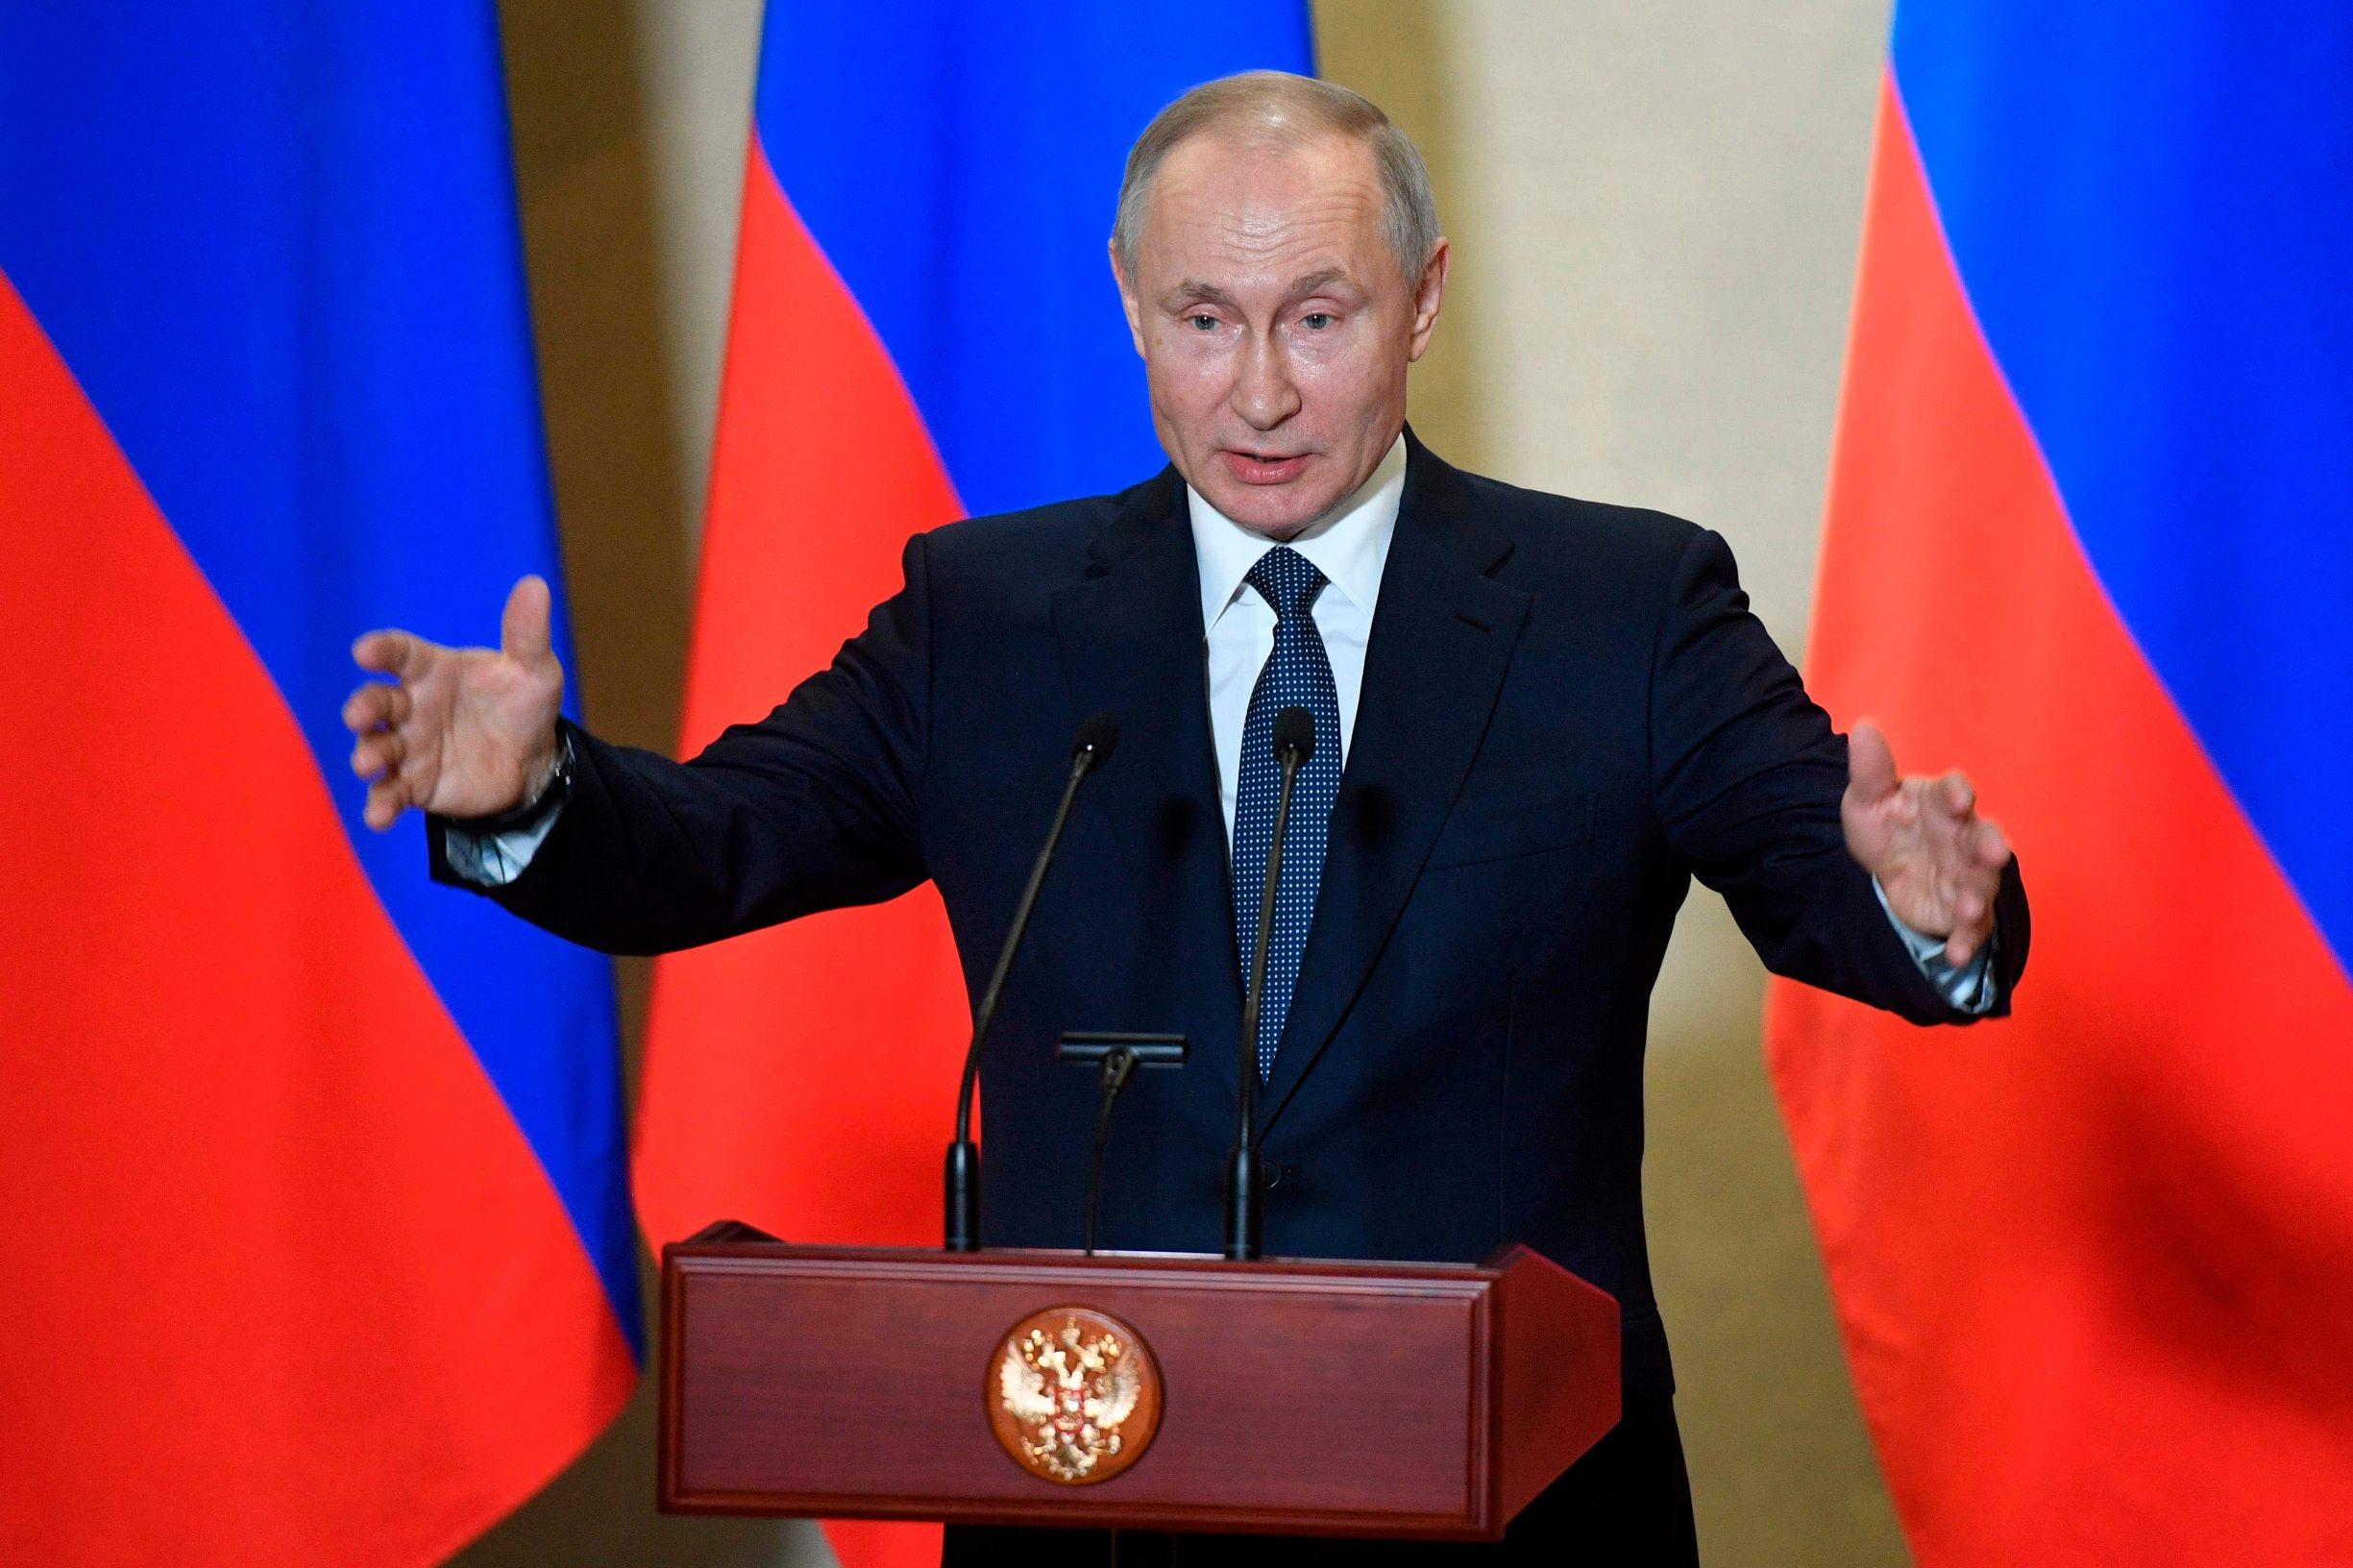 Ruski predsjednik Vladimir Putin siguran je da može izdržati sve pritiske